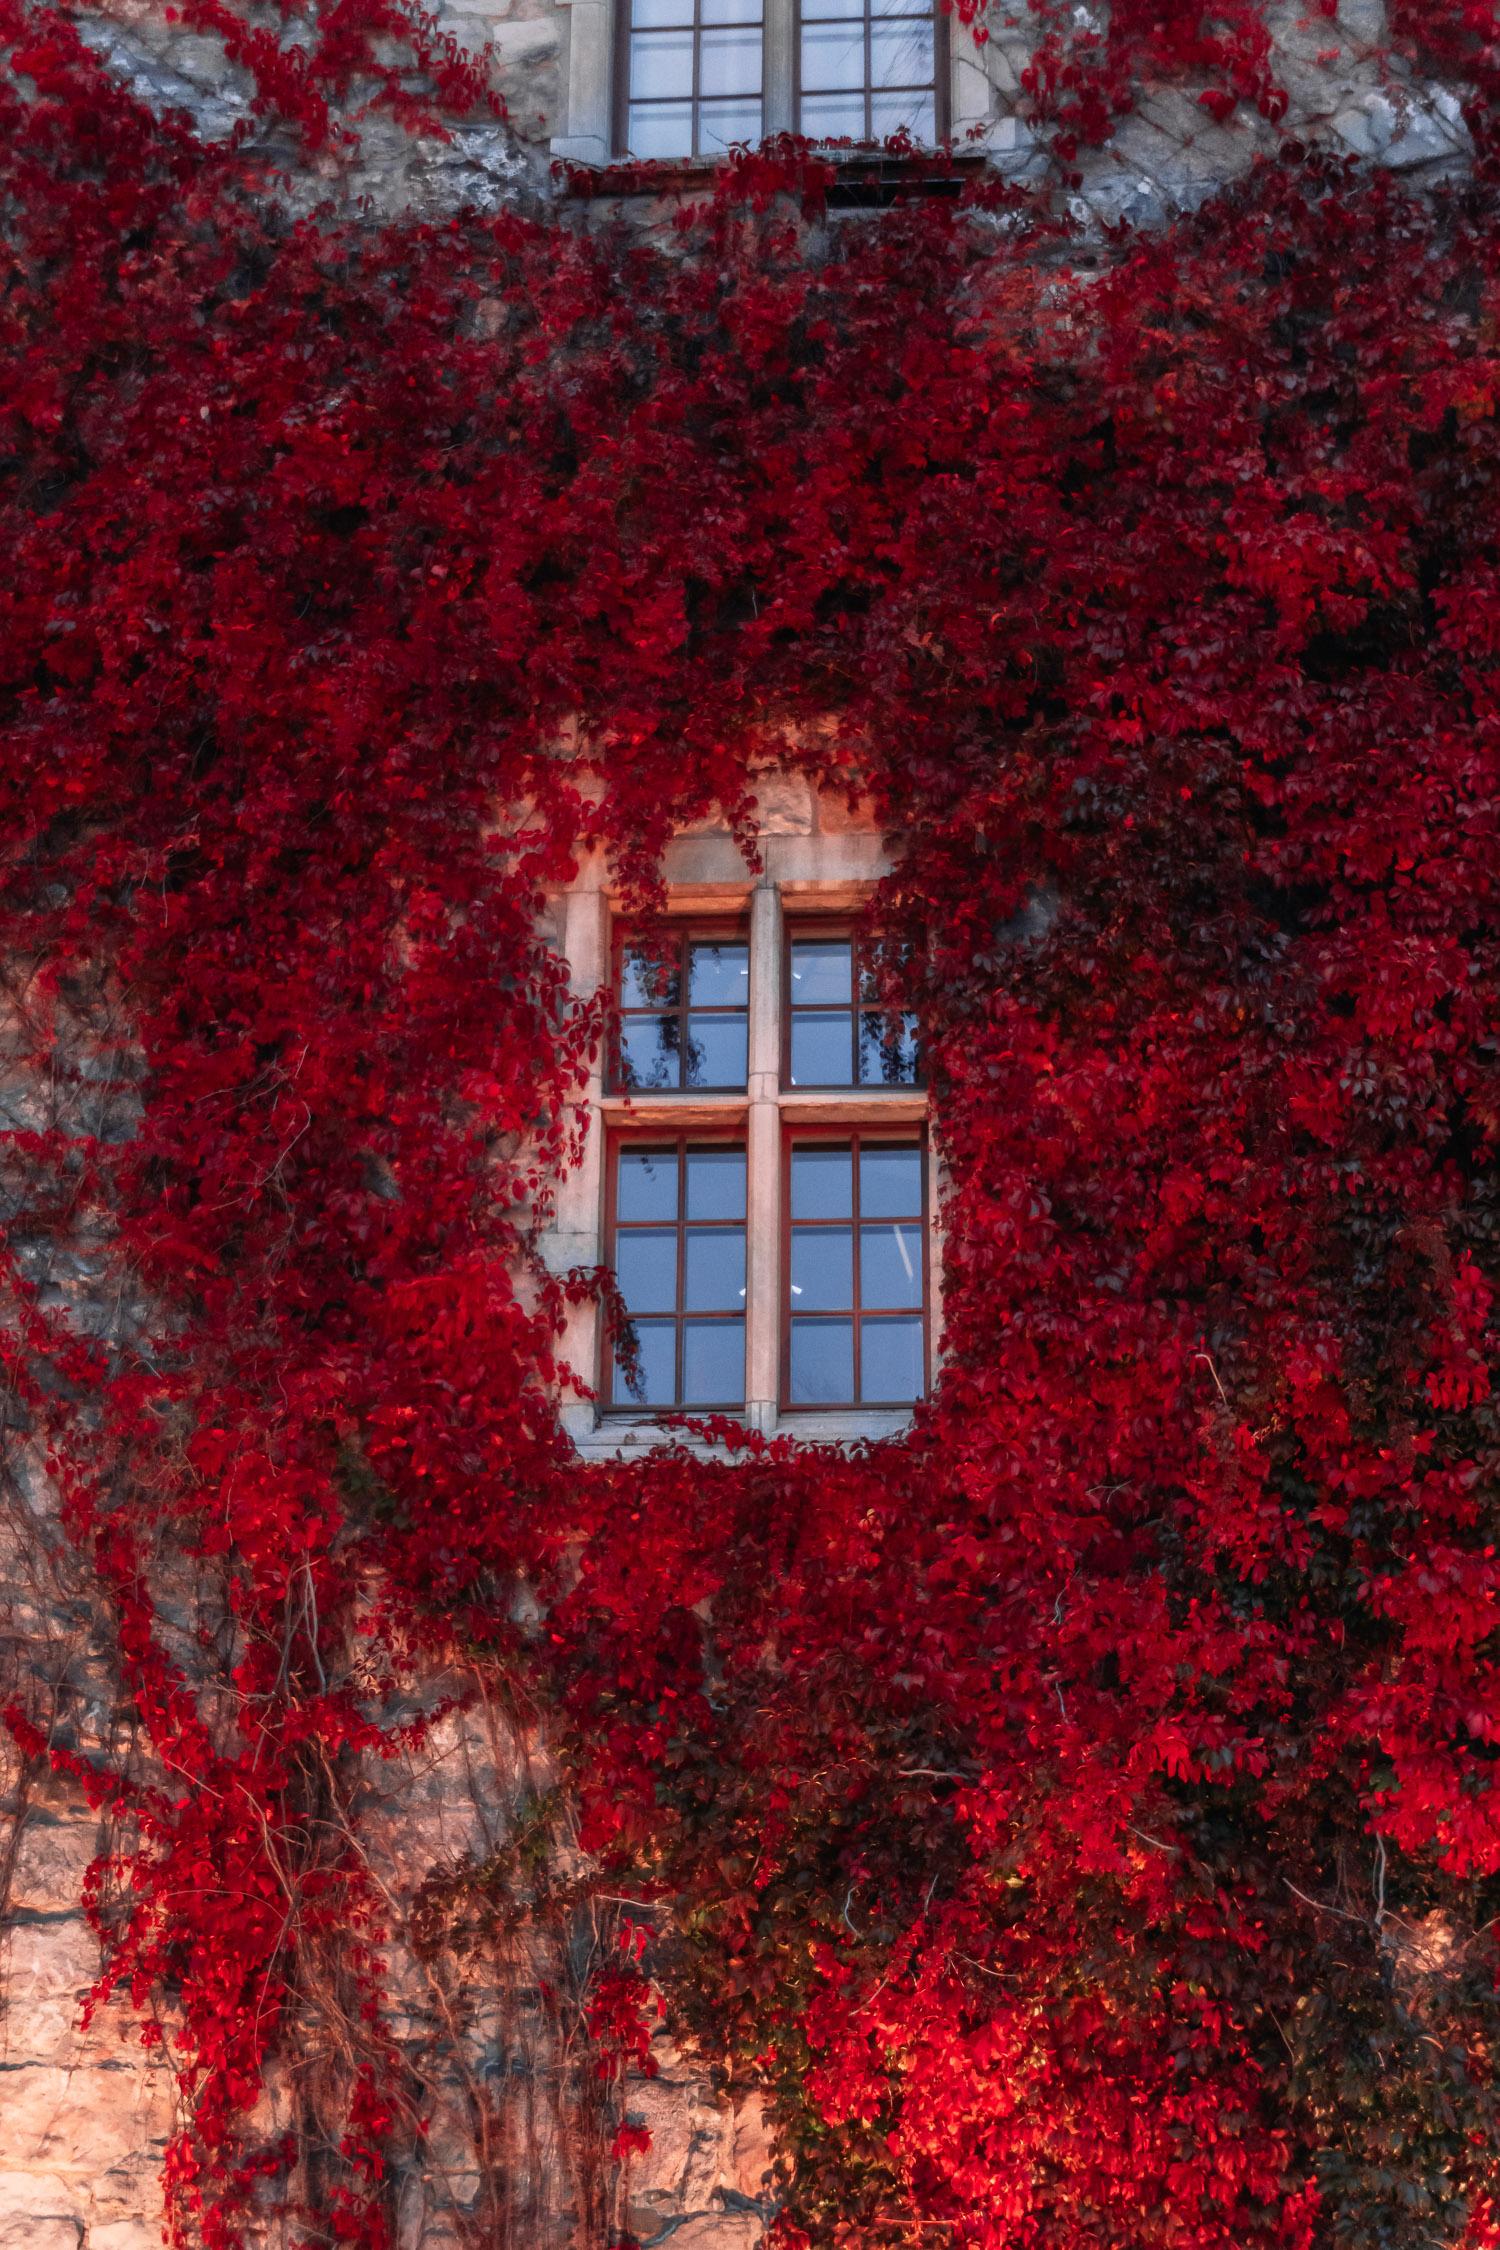 Närbild på Örebro slotts fönster omringat av röda klätterväxter som täcker slottsväggen